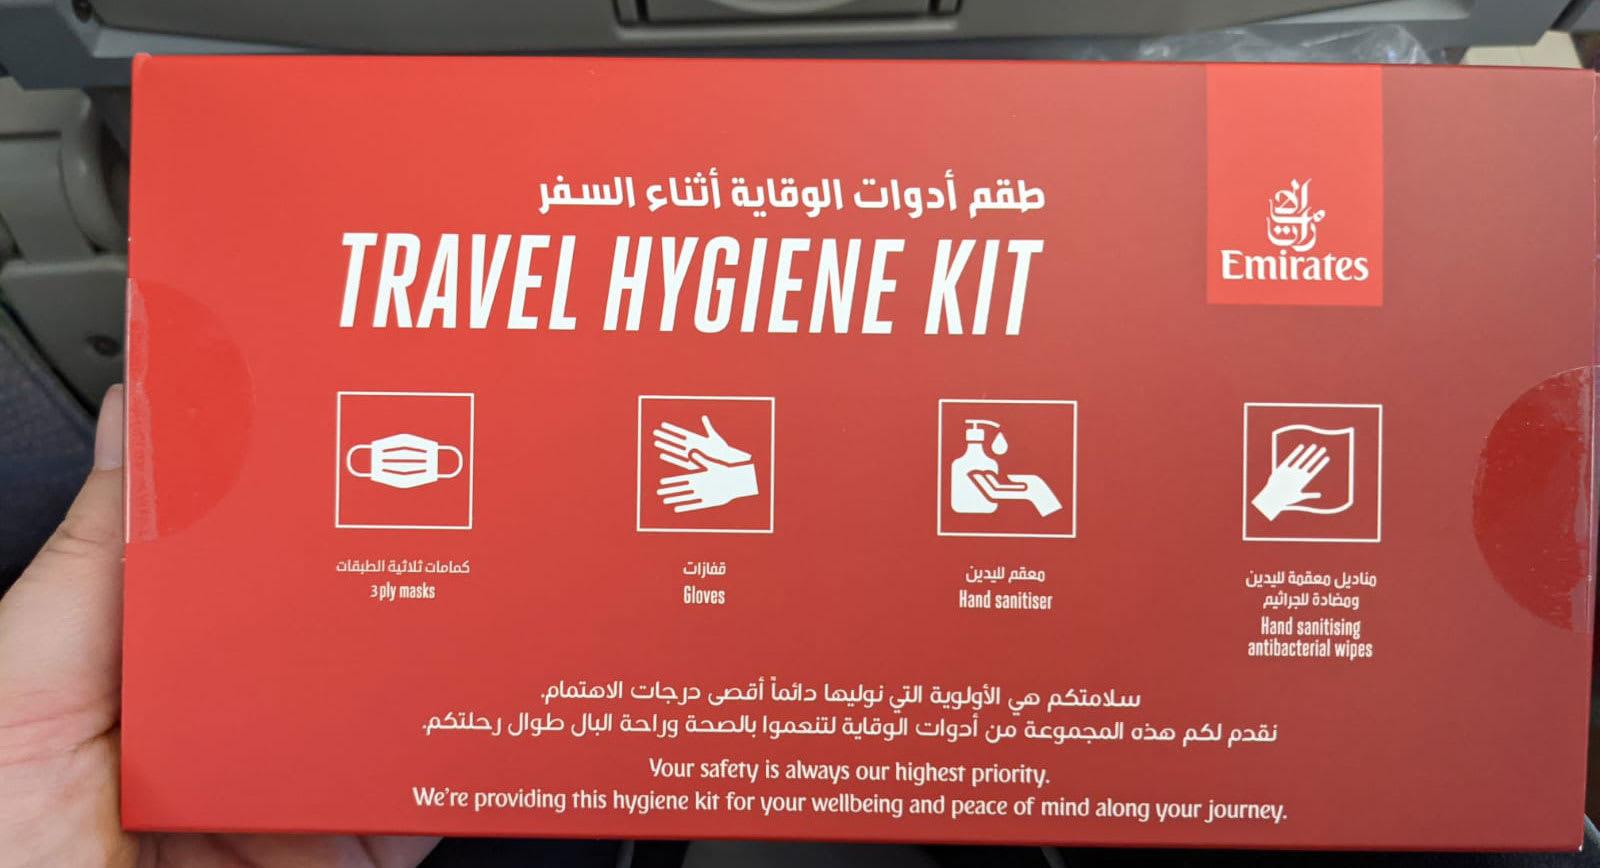 Travel hygiene kit